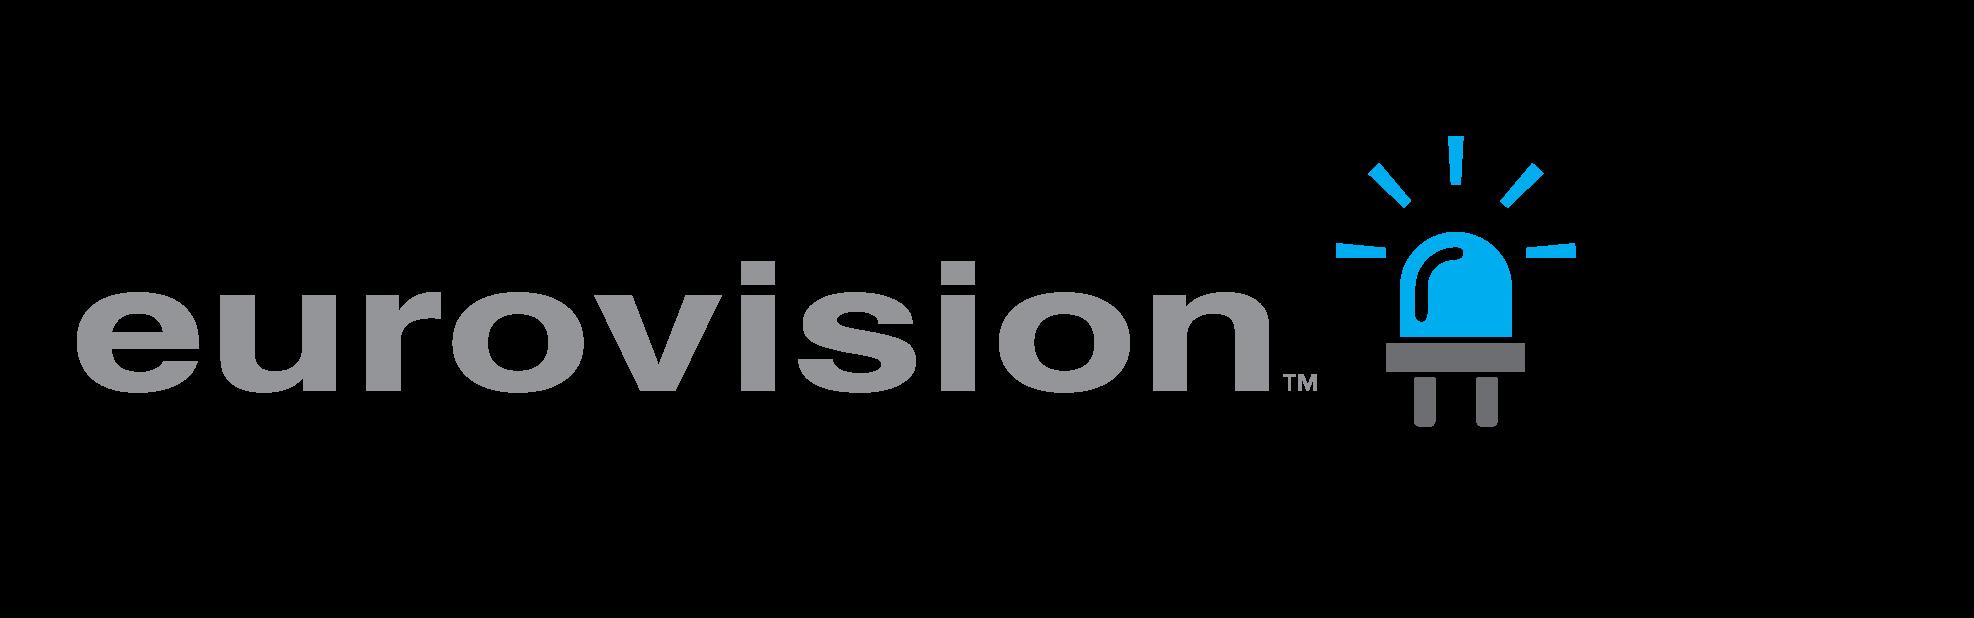 eurovison_led